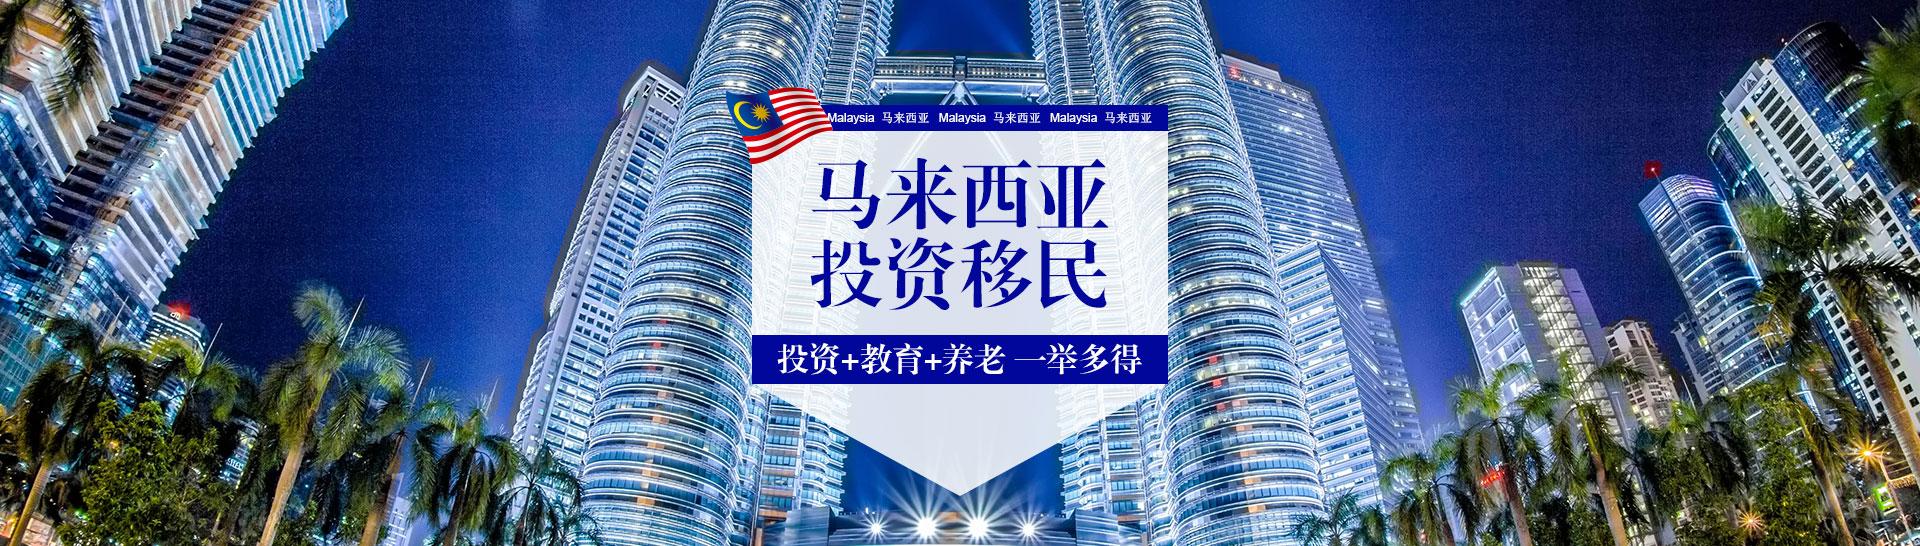 马来西亚移民